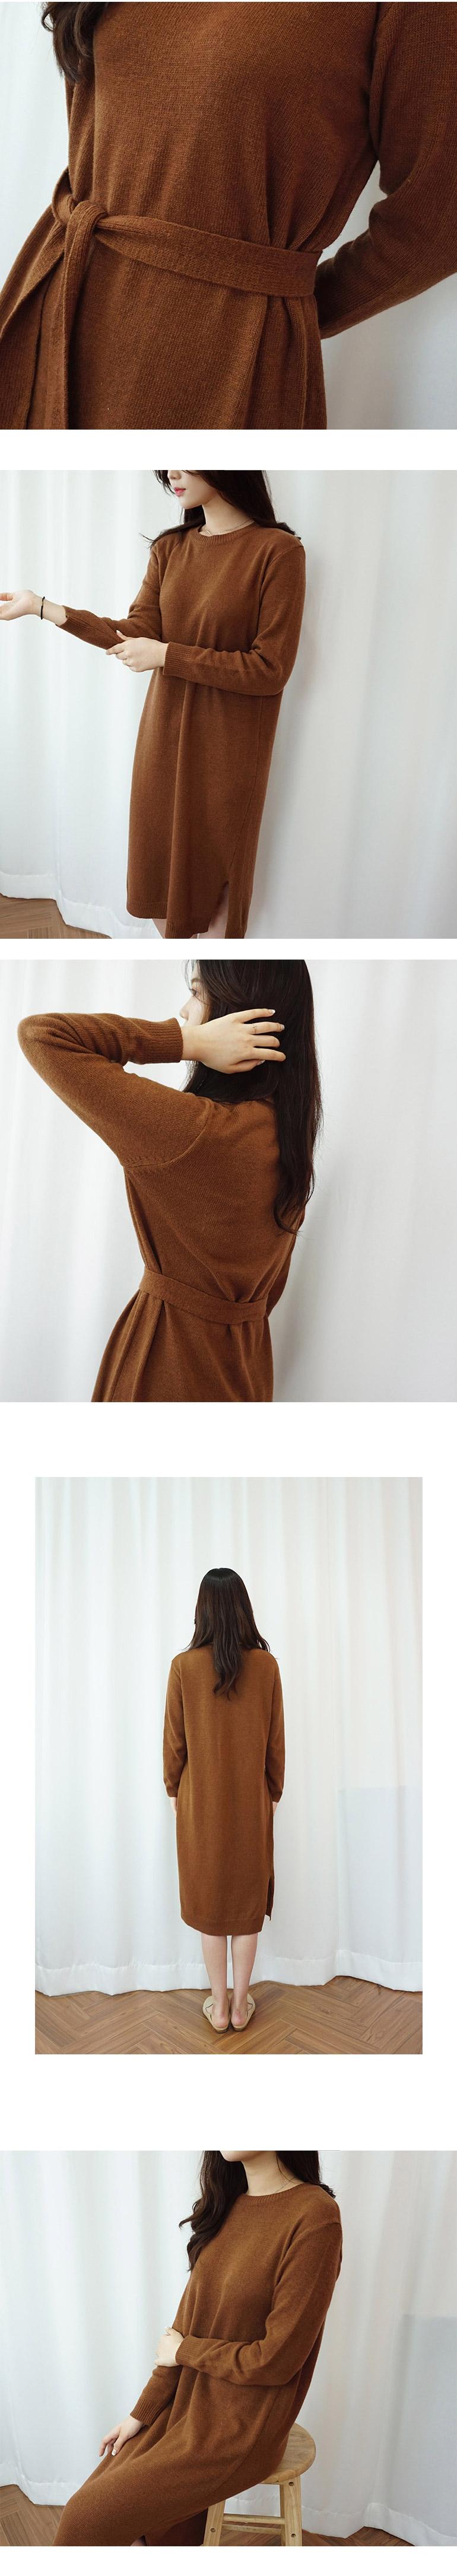 데일리로 입기 좋은 니트 벨트 원피스 - 몽글리다, 39,800원, 원피스, 니트원피스